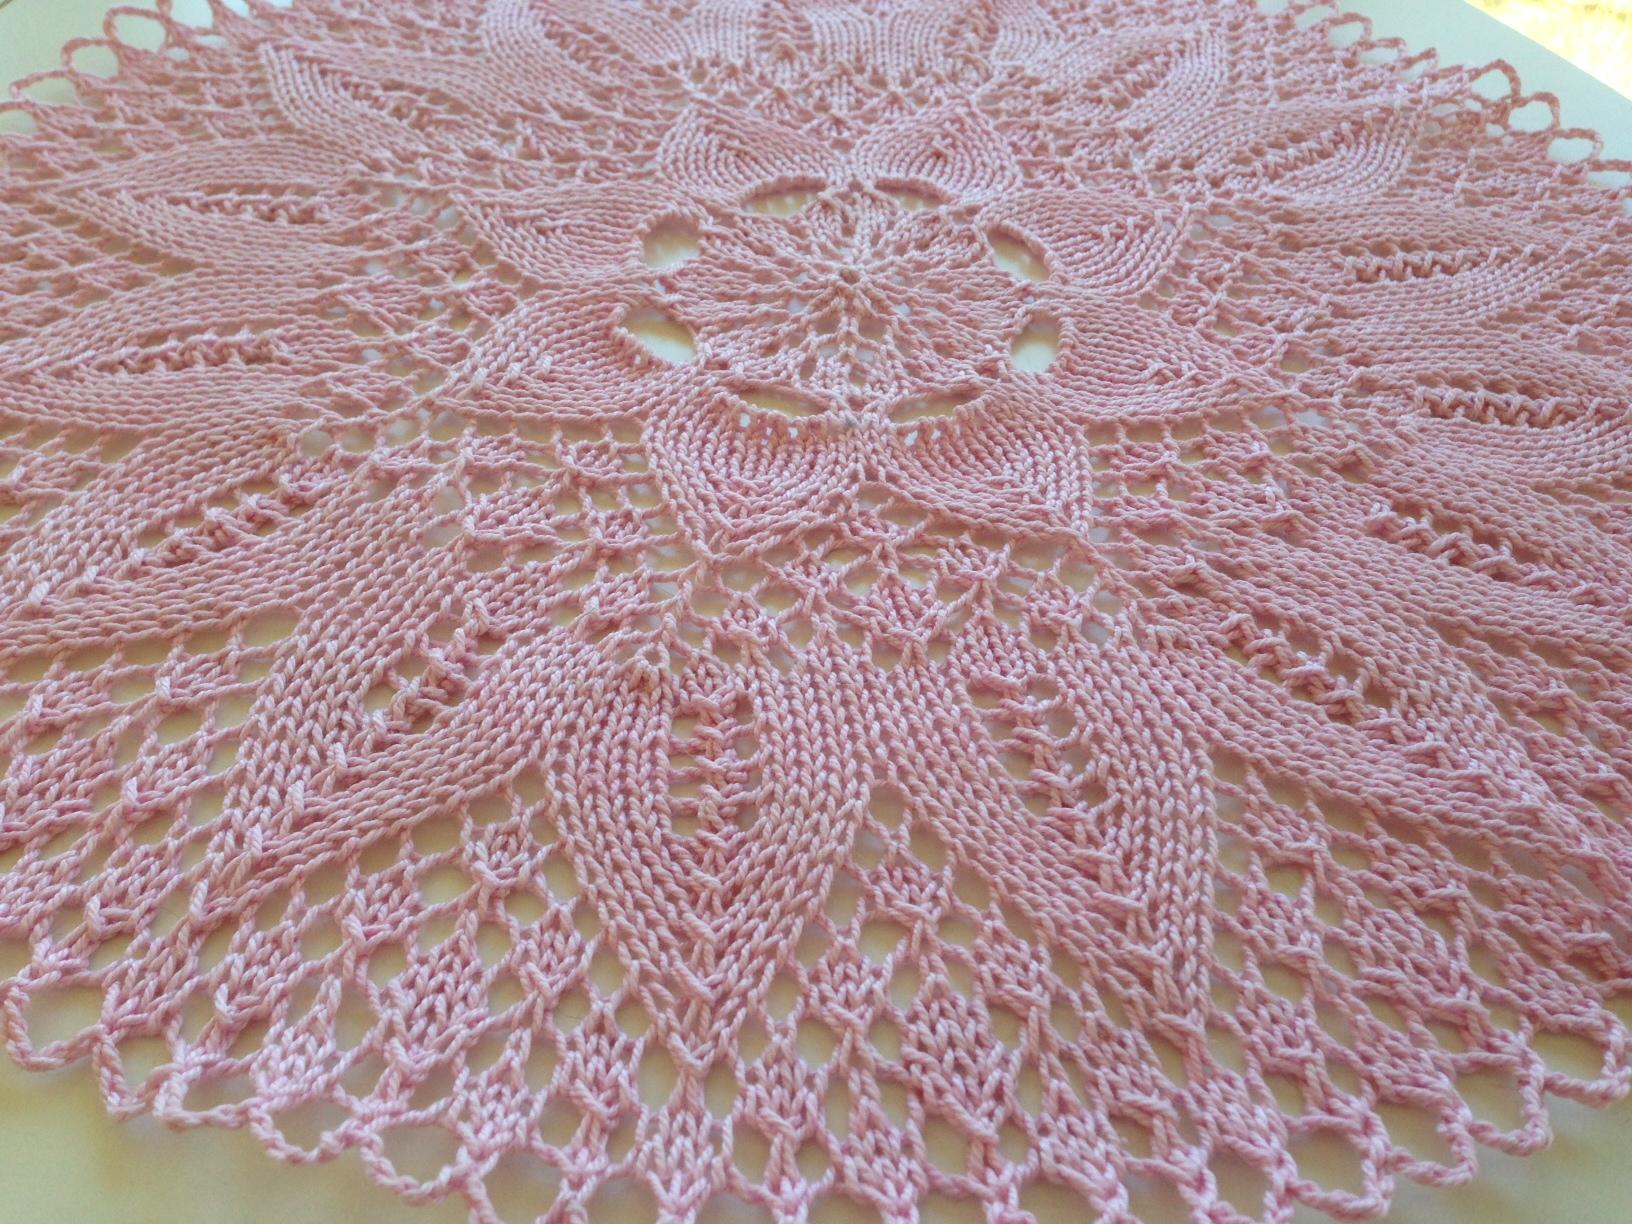 Knitting | Yarnosophy